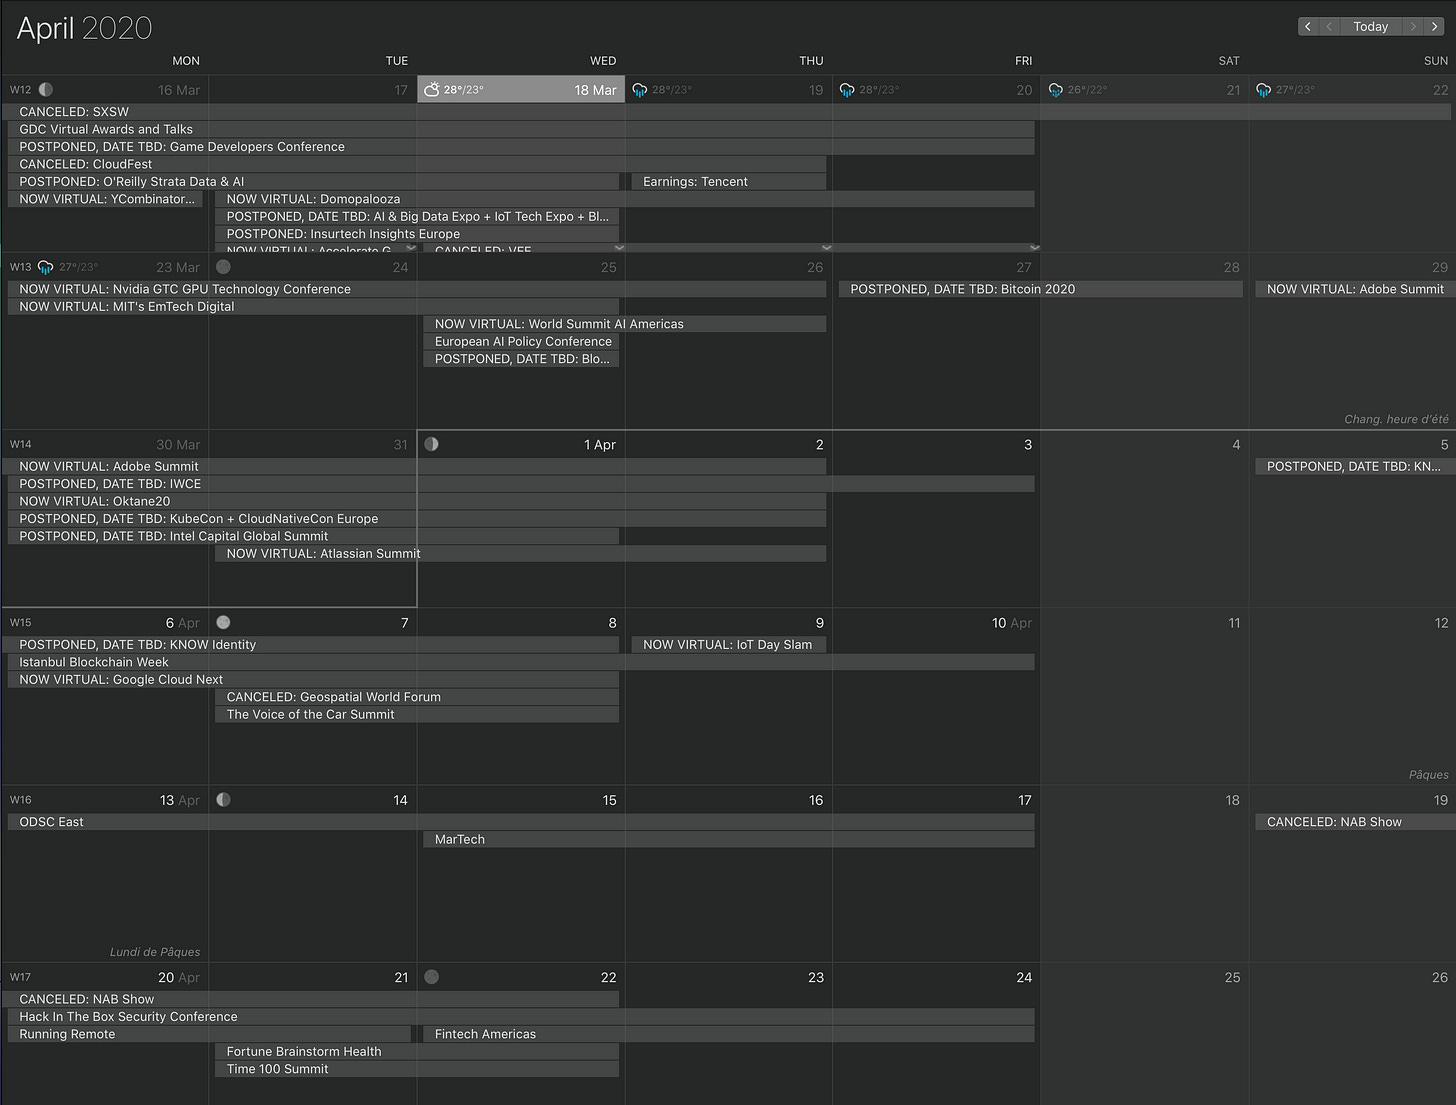 Screenshot 2020-03-18 at 08.43.53.png